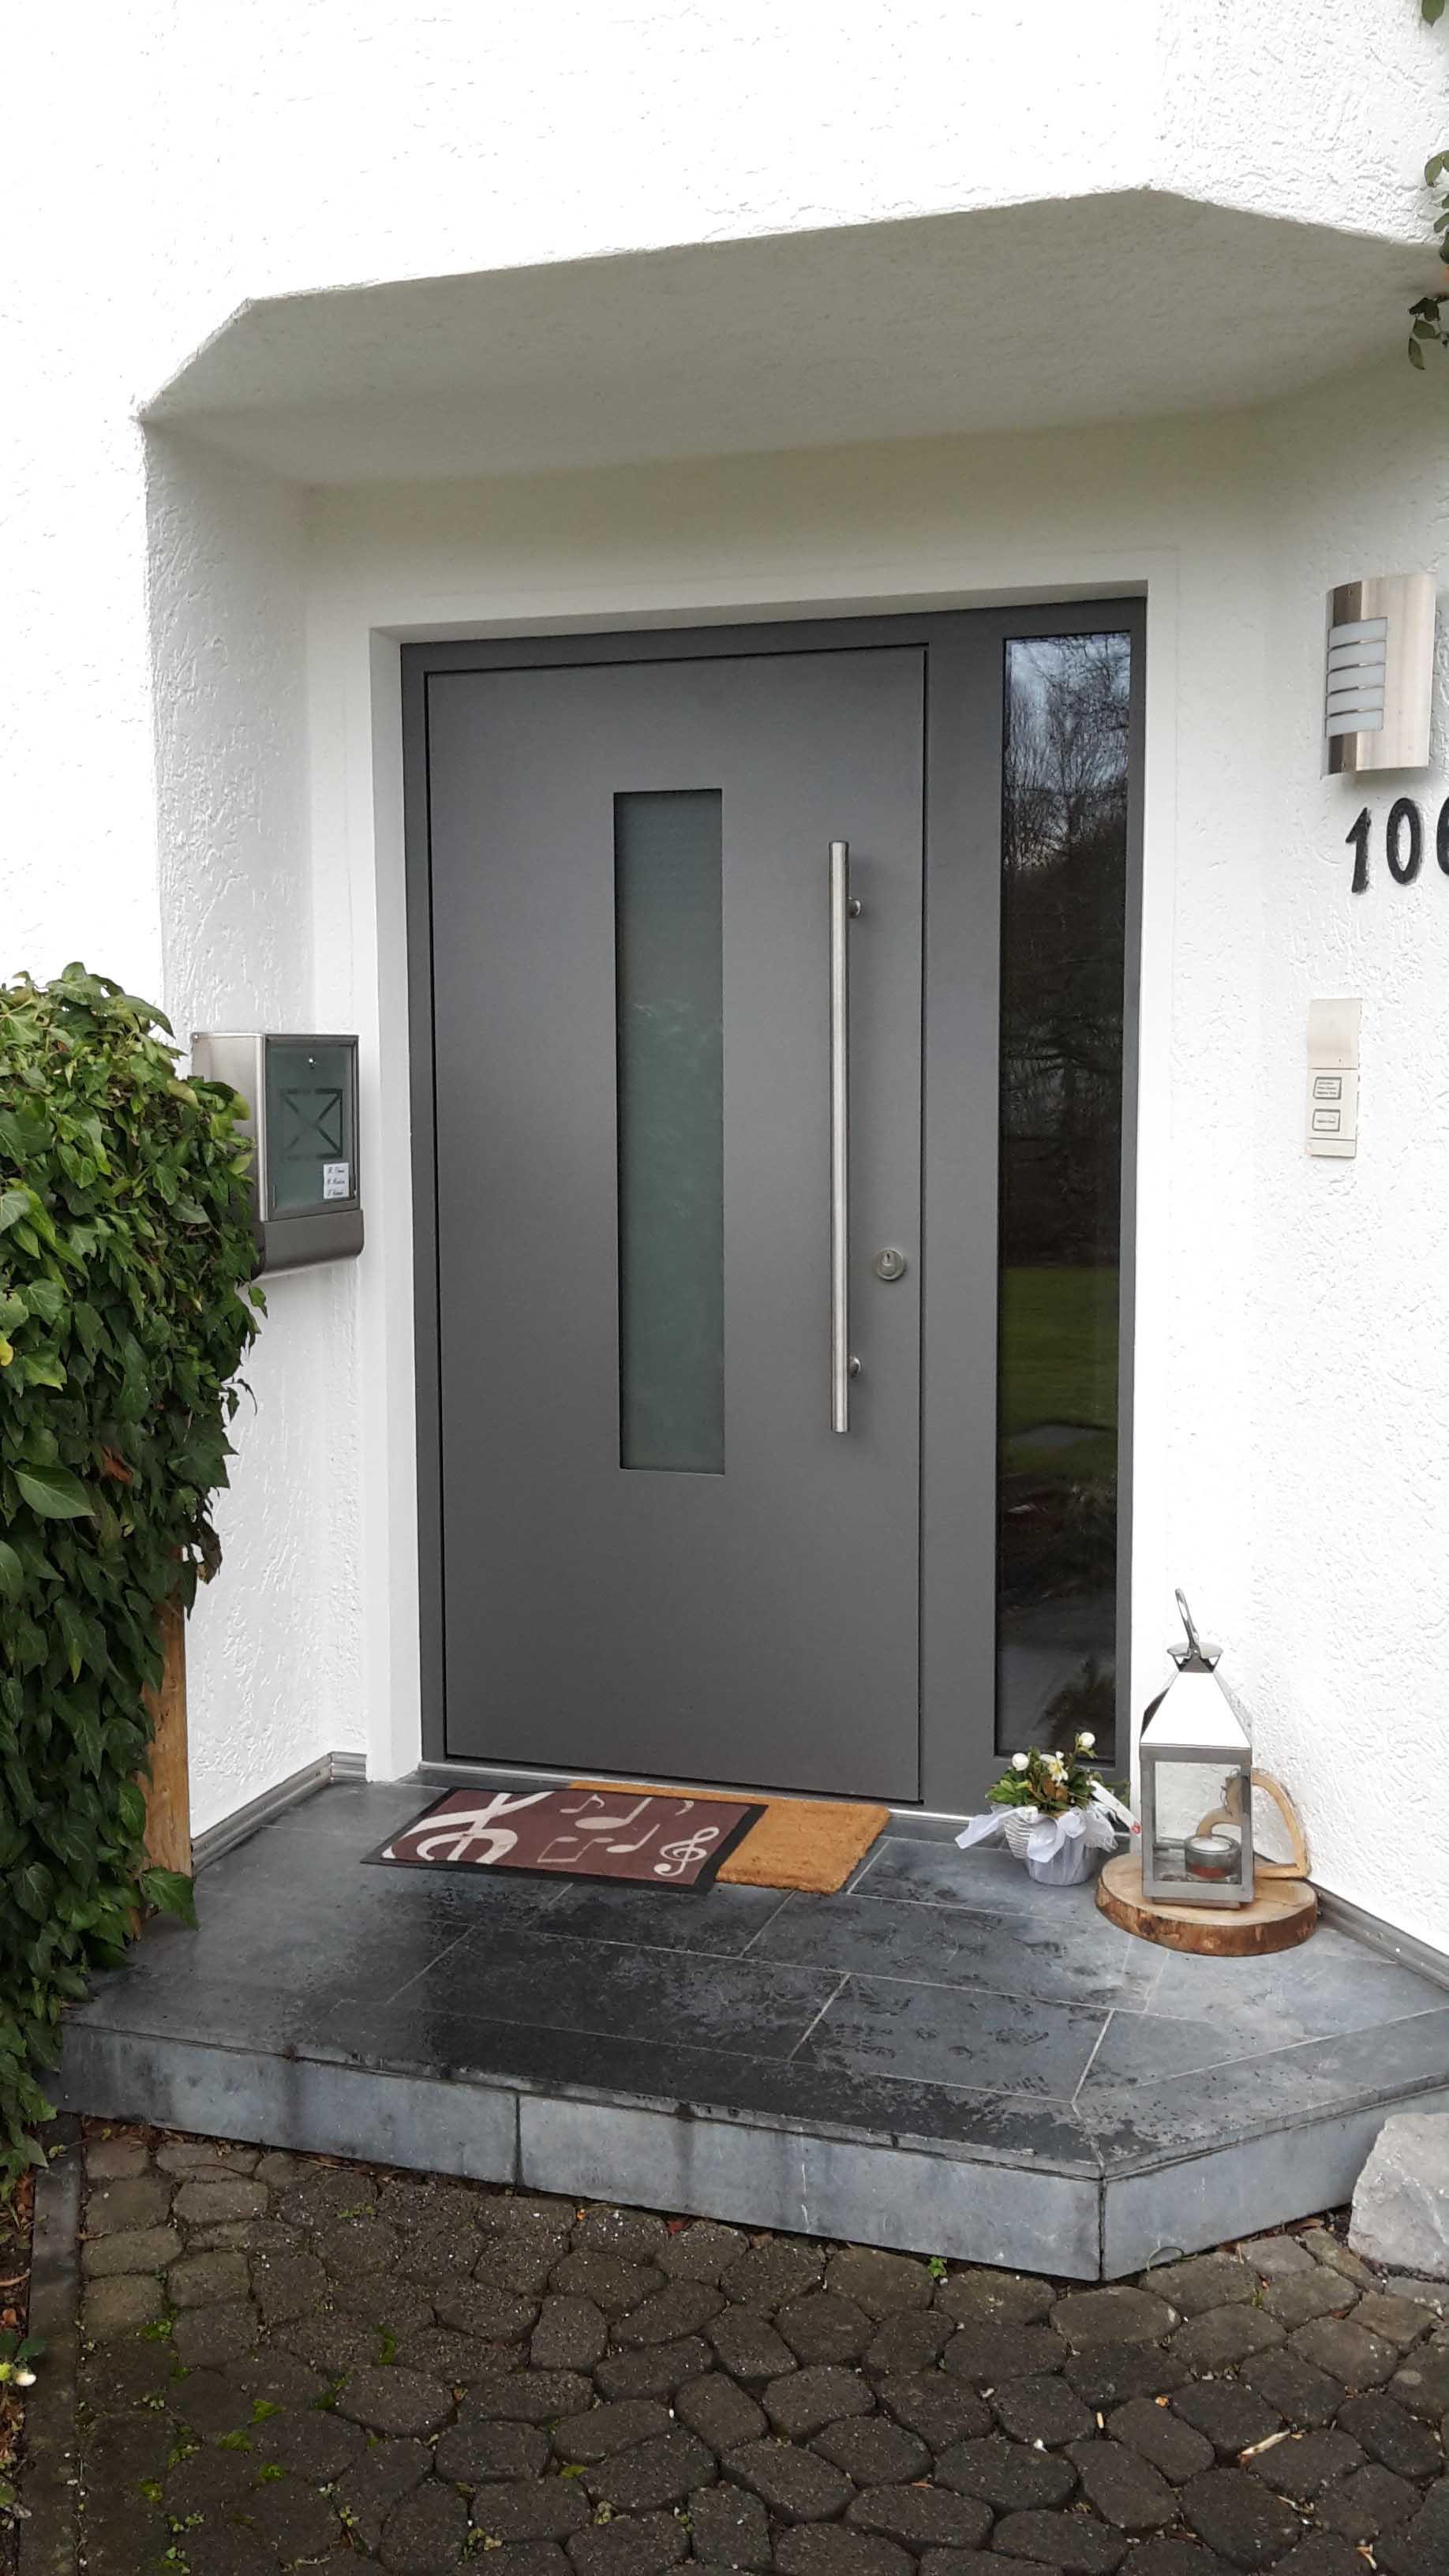 Haustür mit festem Seitenelement